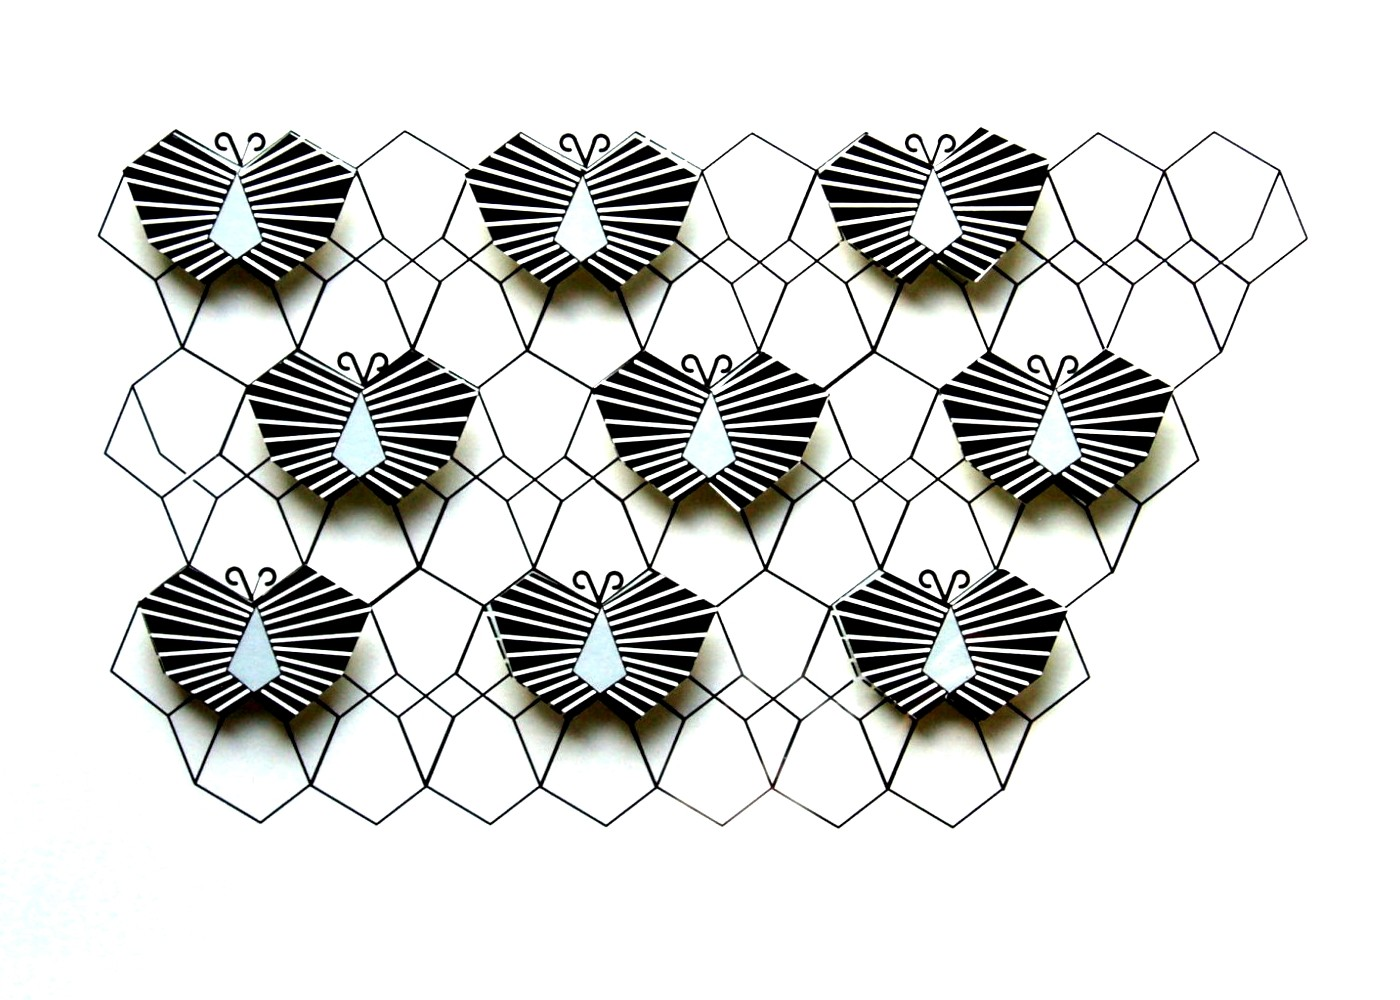 Diamantgitter-08.jpg